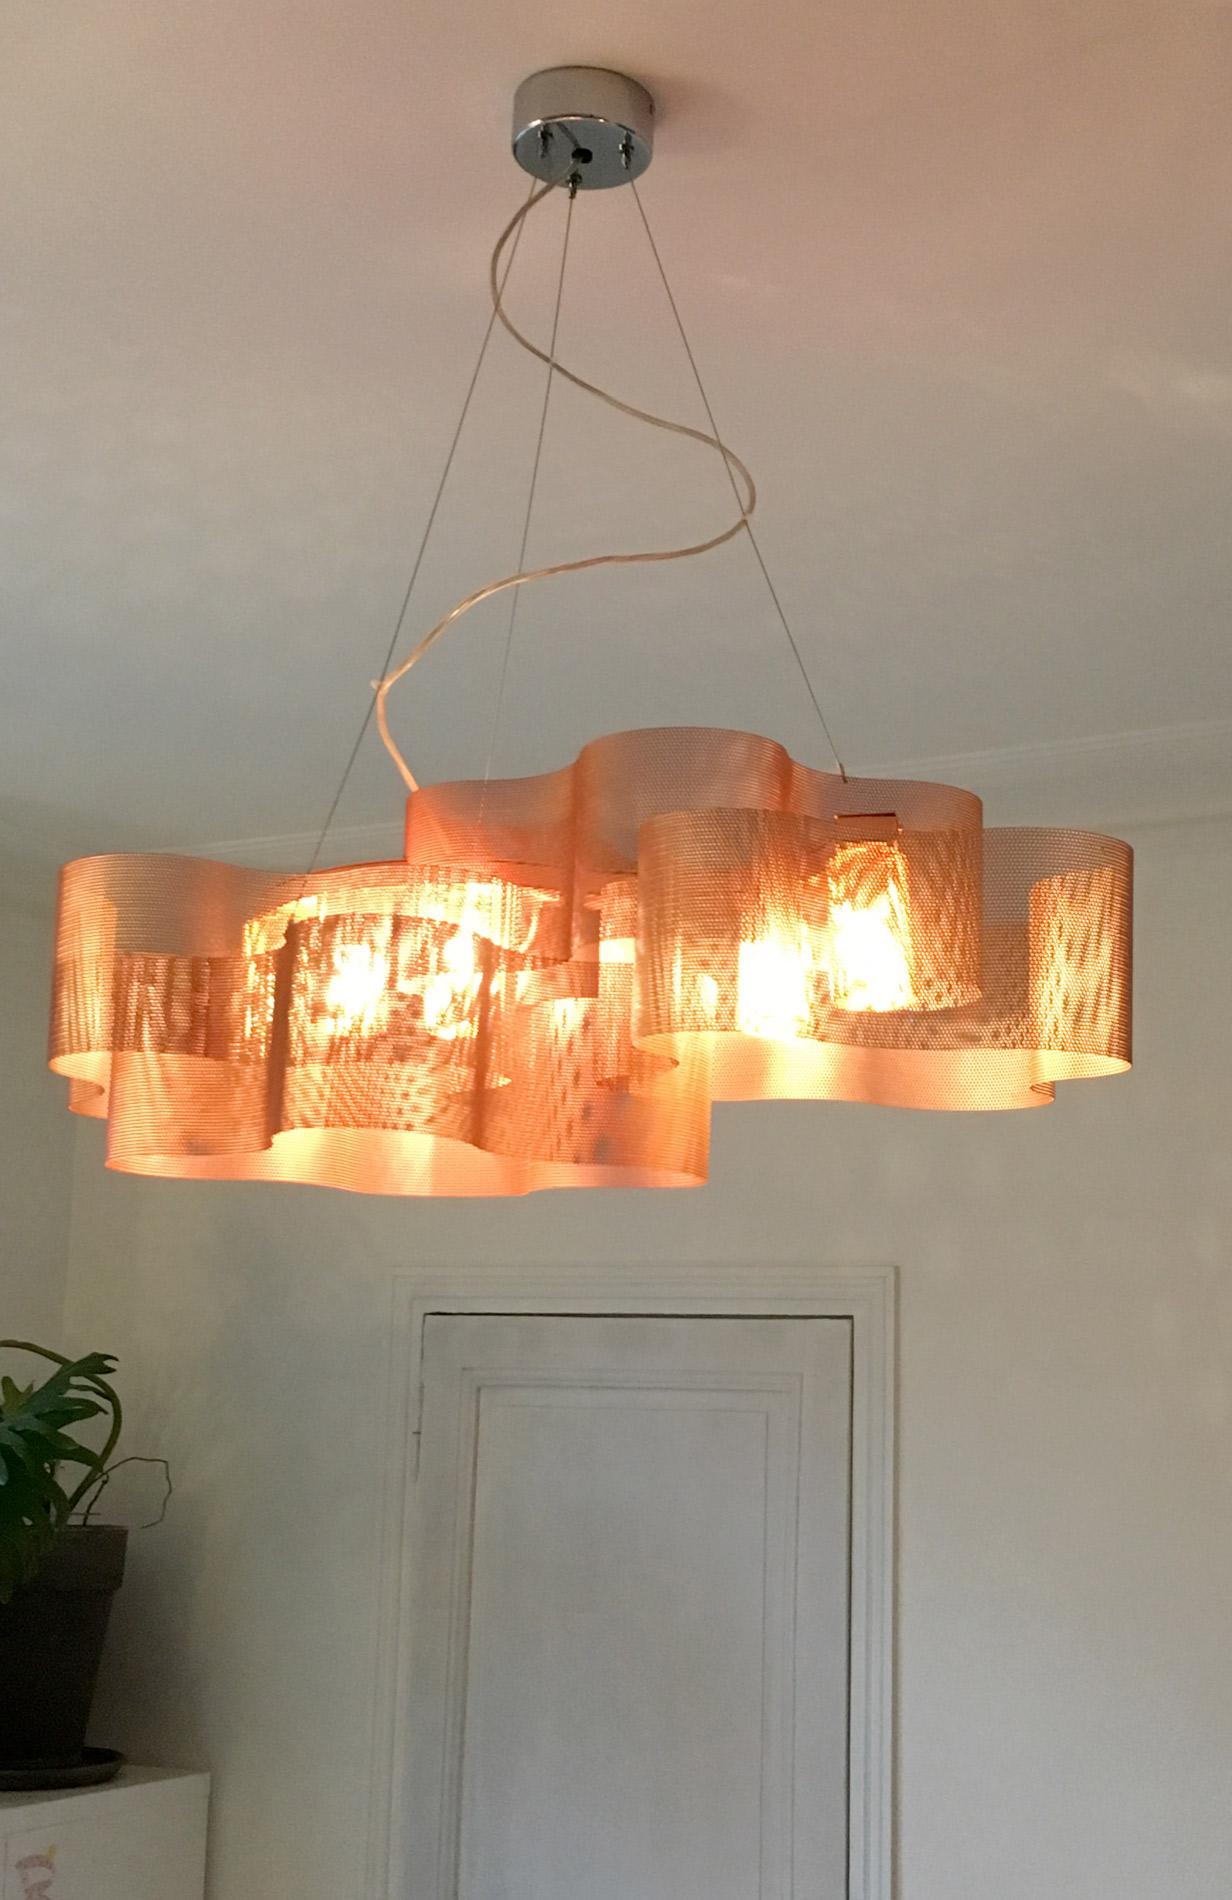 luminaire suspension nuage cuivre allumé therry vidé